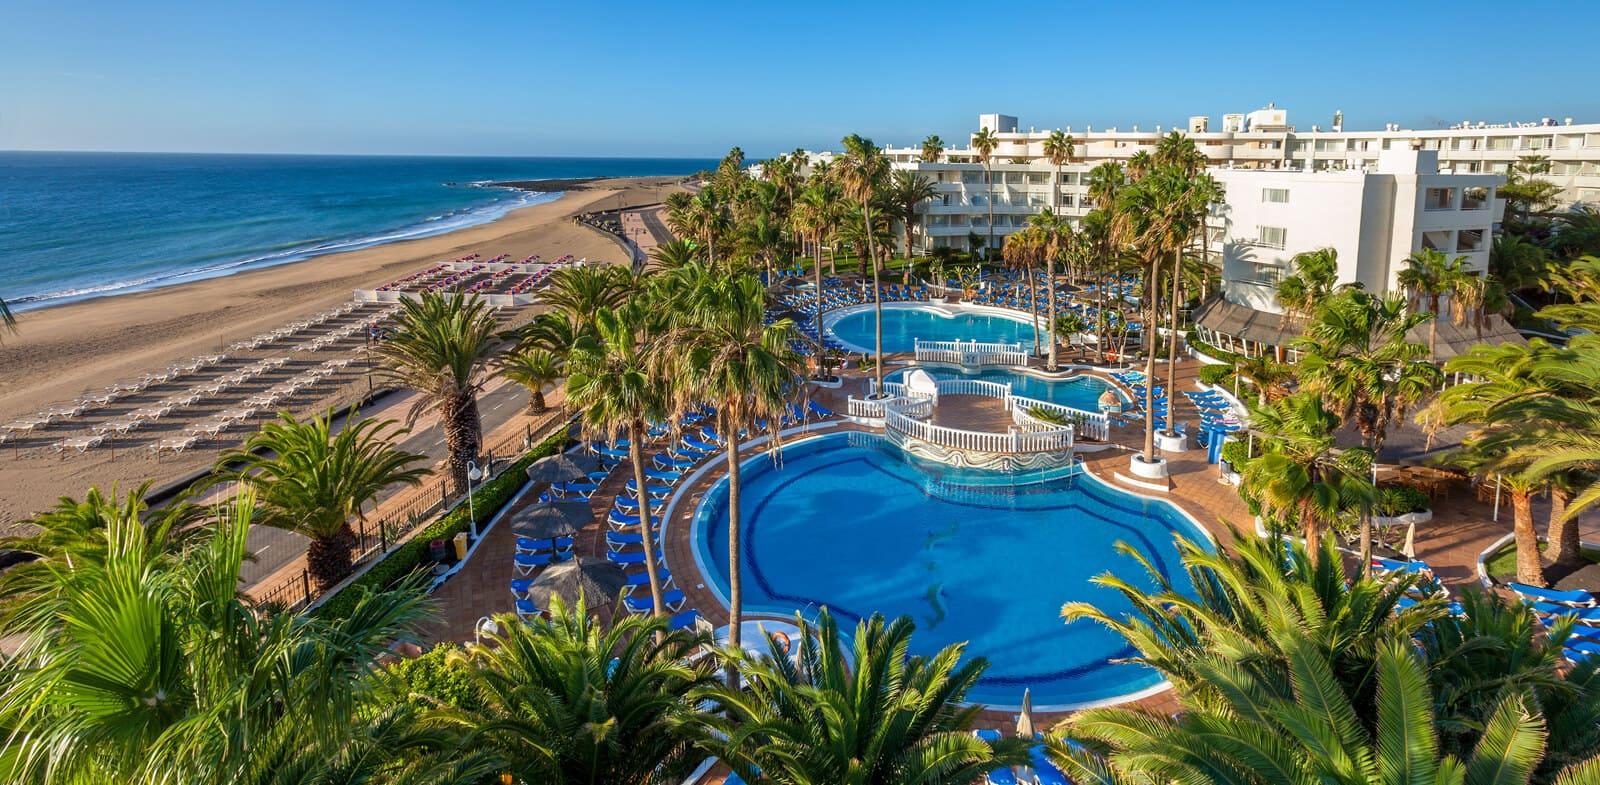 Hotel Sol Lanzarote All Inclusive, Puerto del Carmen  Melia.com